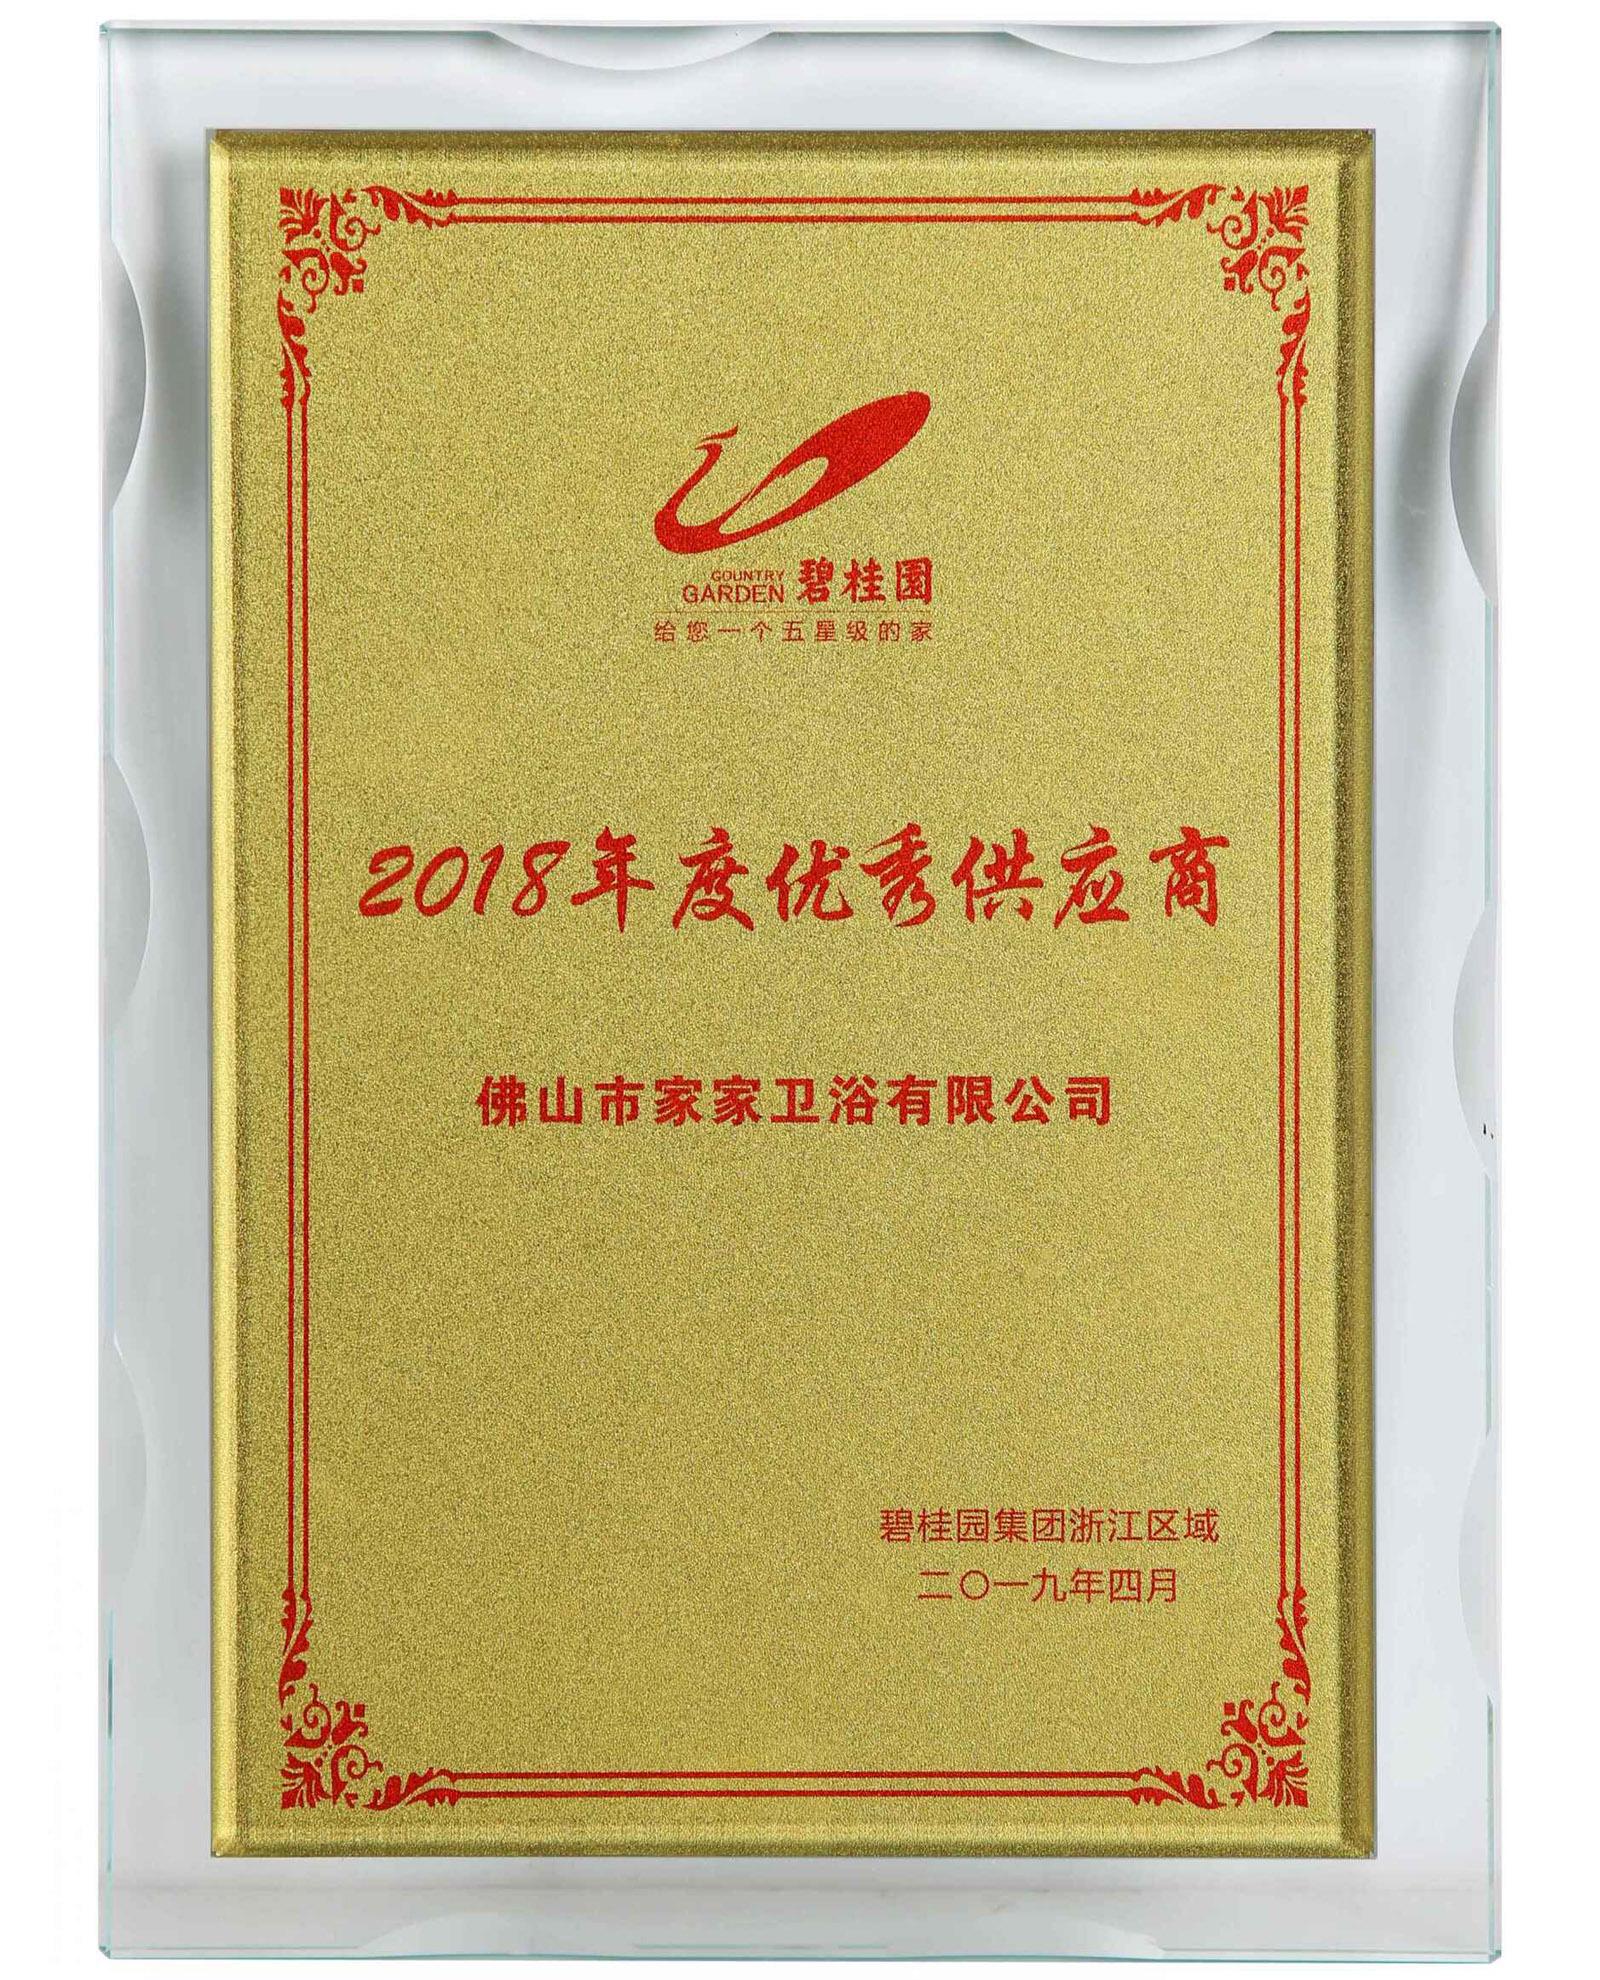 """浪鲸卫浴荣膺""""2018年度优秀供应商奖""""称号"""